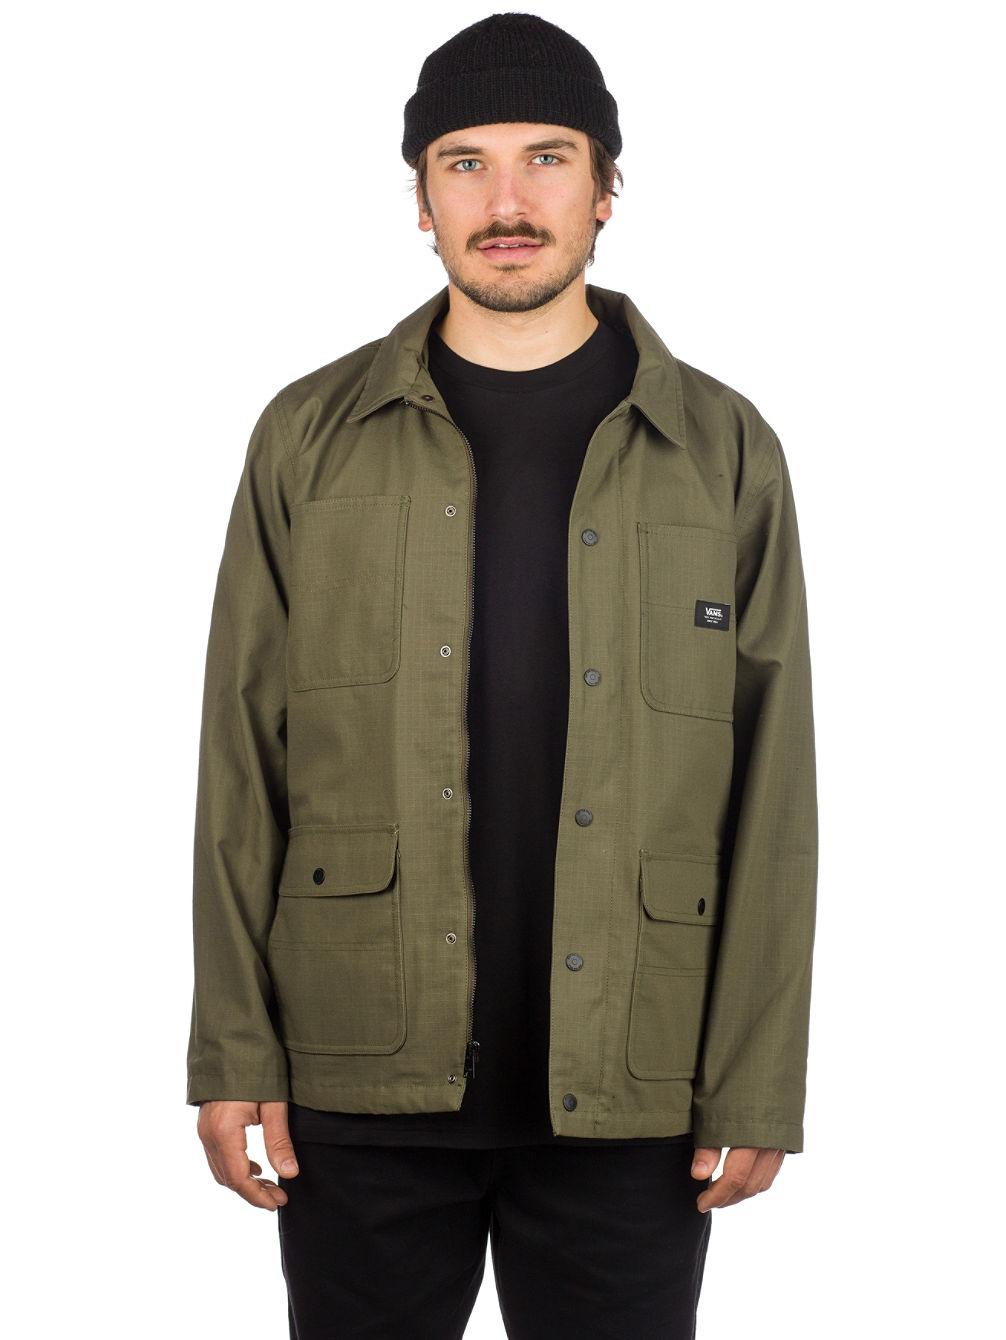 806dd77e Drill Chore Coat Lined Jacket